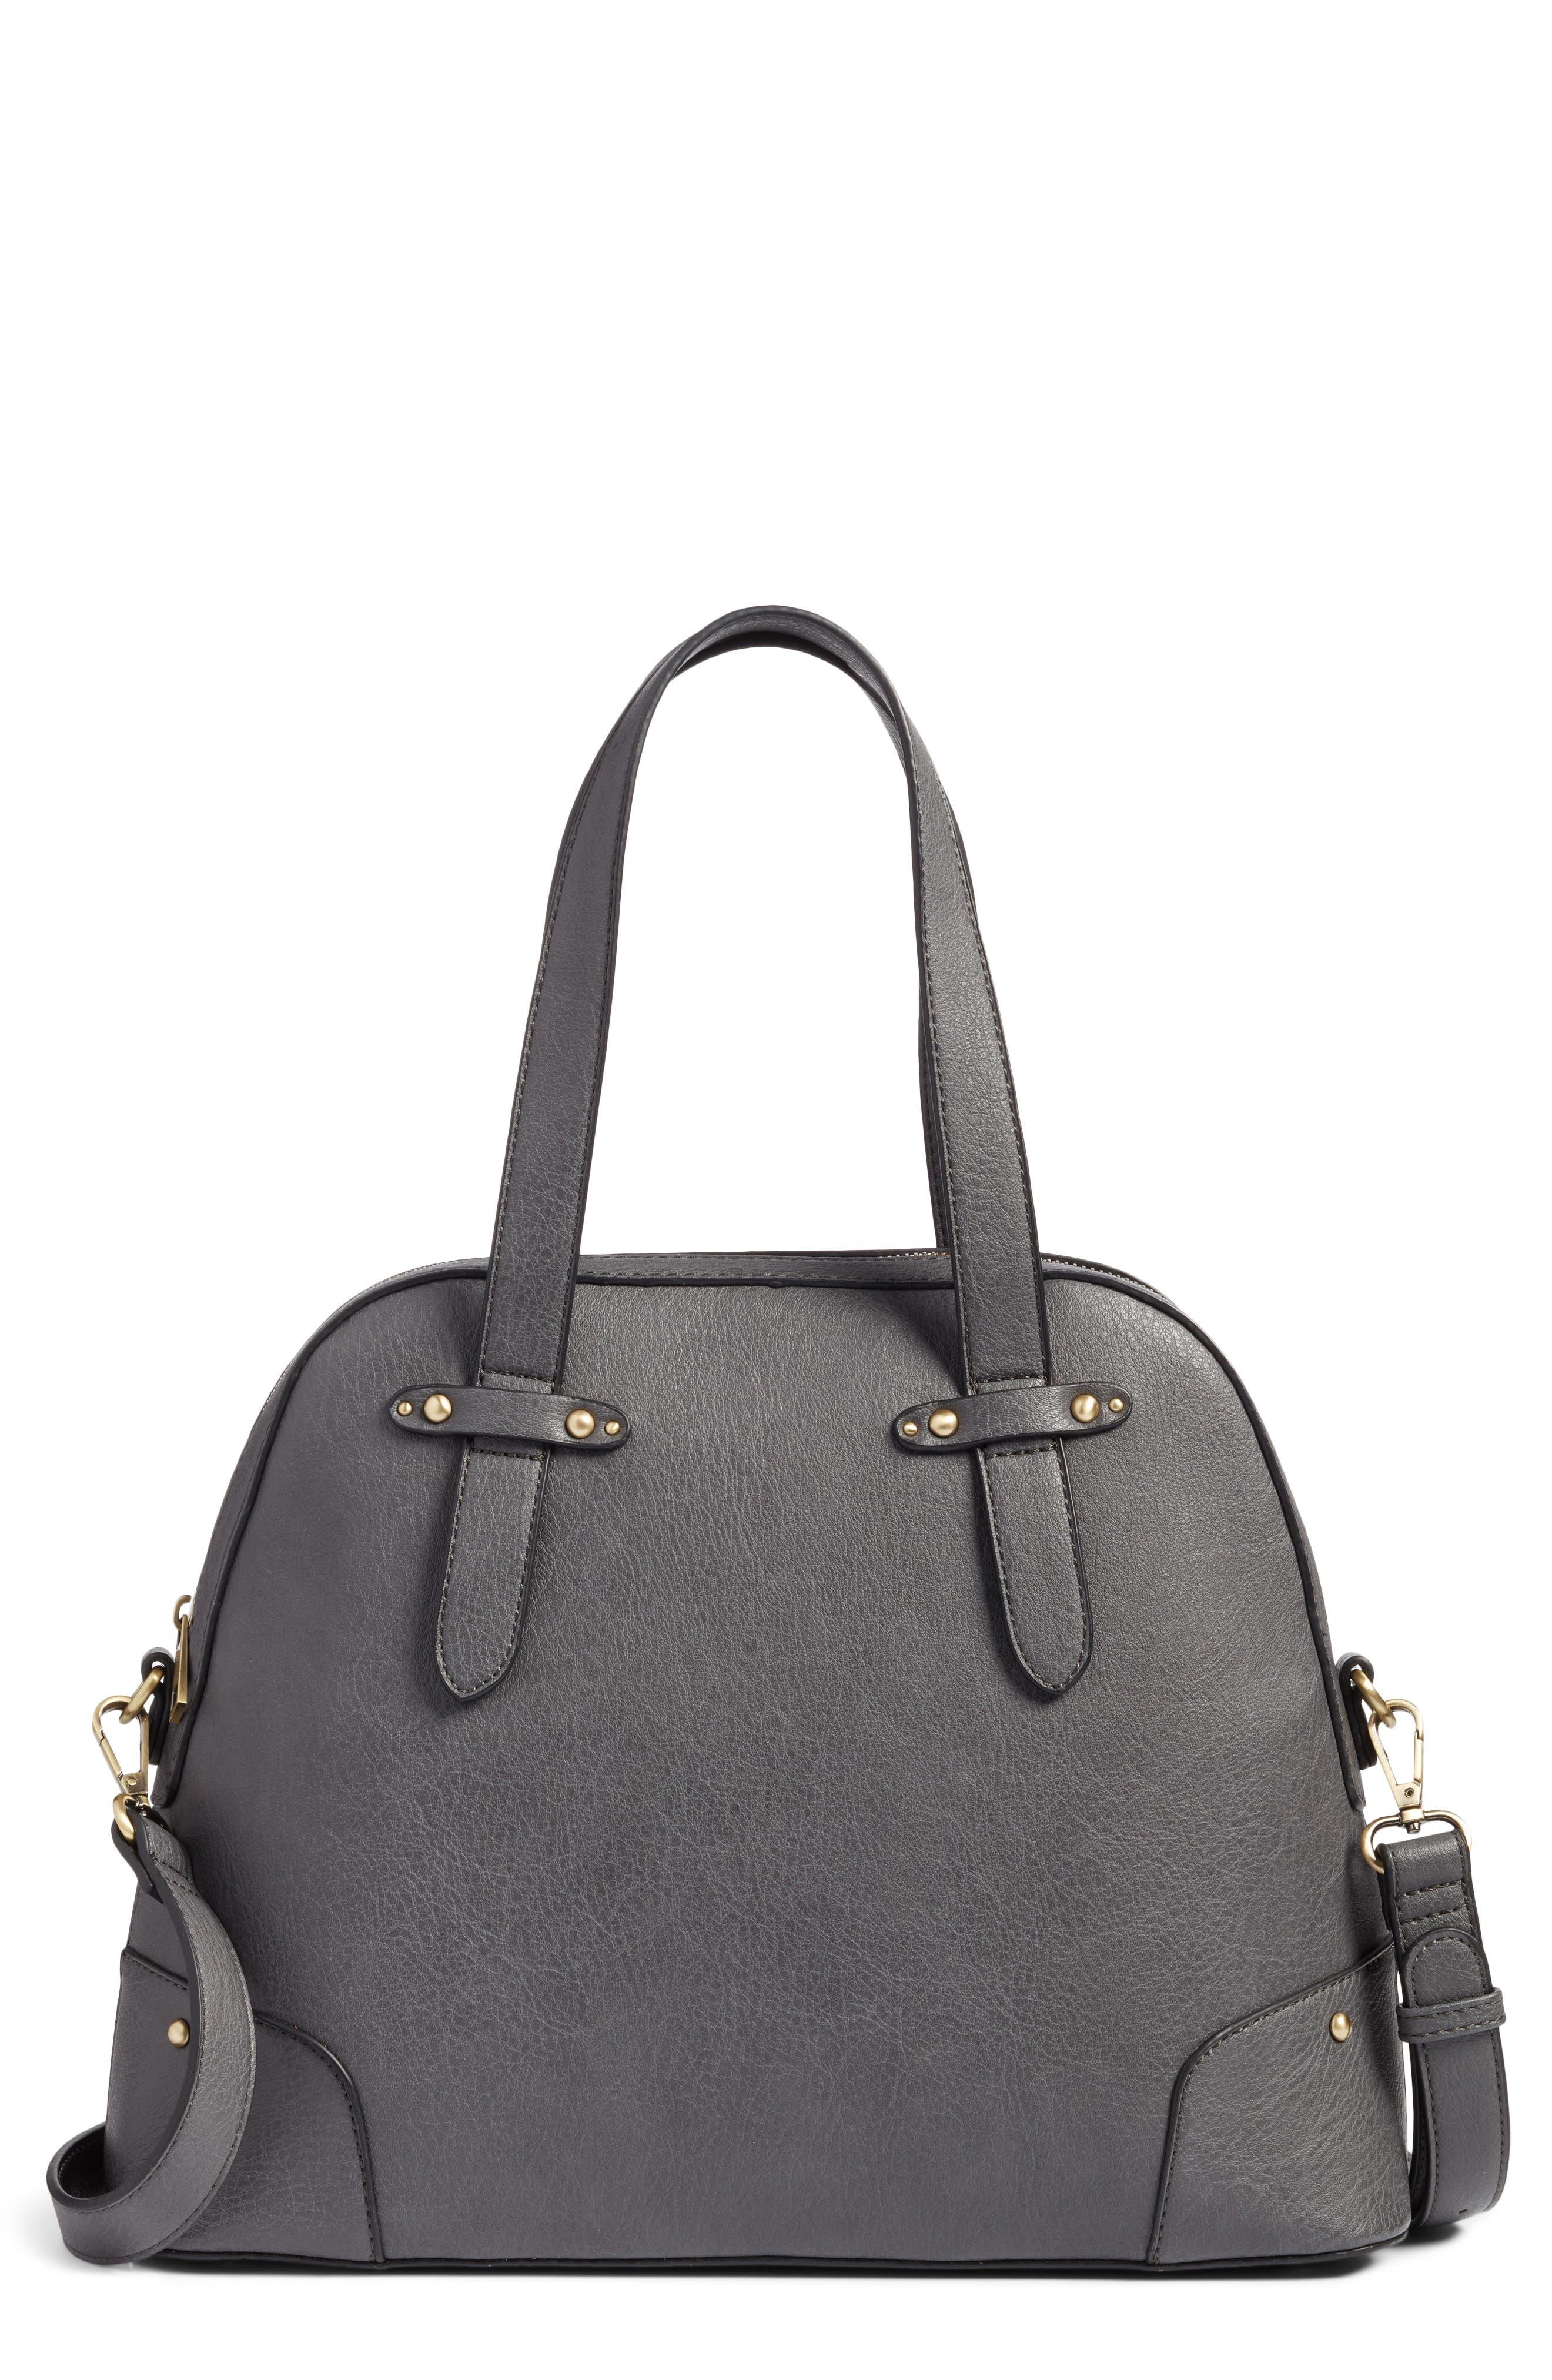 Christie Faux Leather Satchel,                             Main thumbnail 1, color,                             Grey